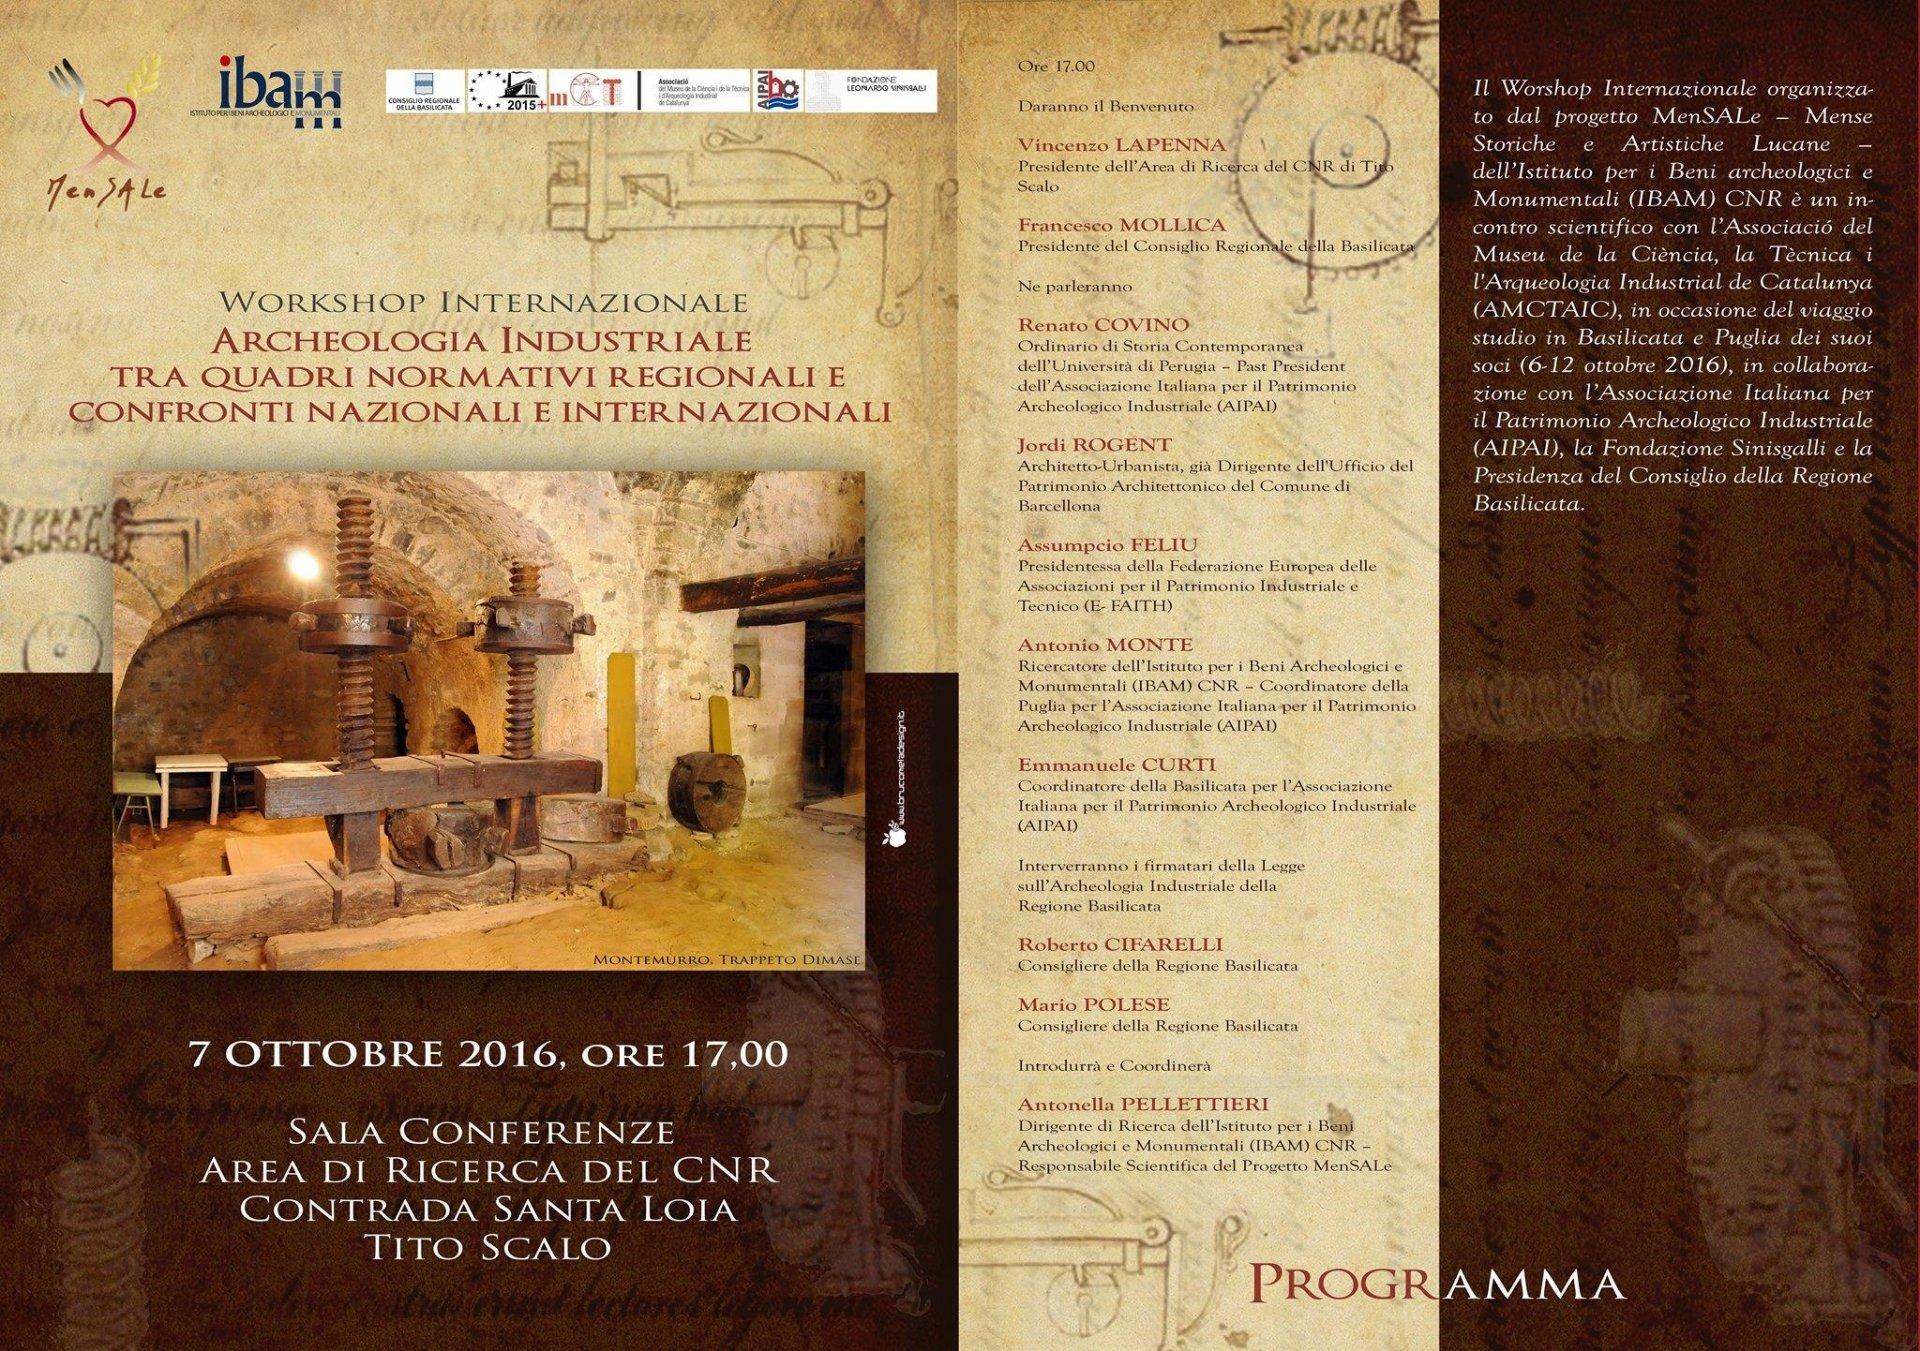 Tito Scalo, archeologia industriale tra quadri normativi regionali e confronti nazionali e internazionali